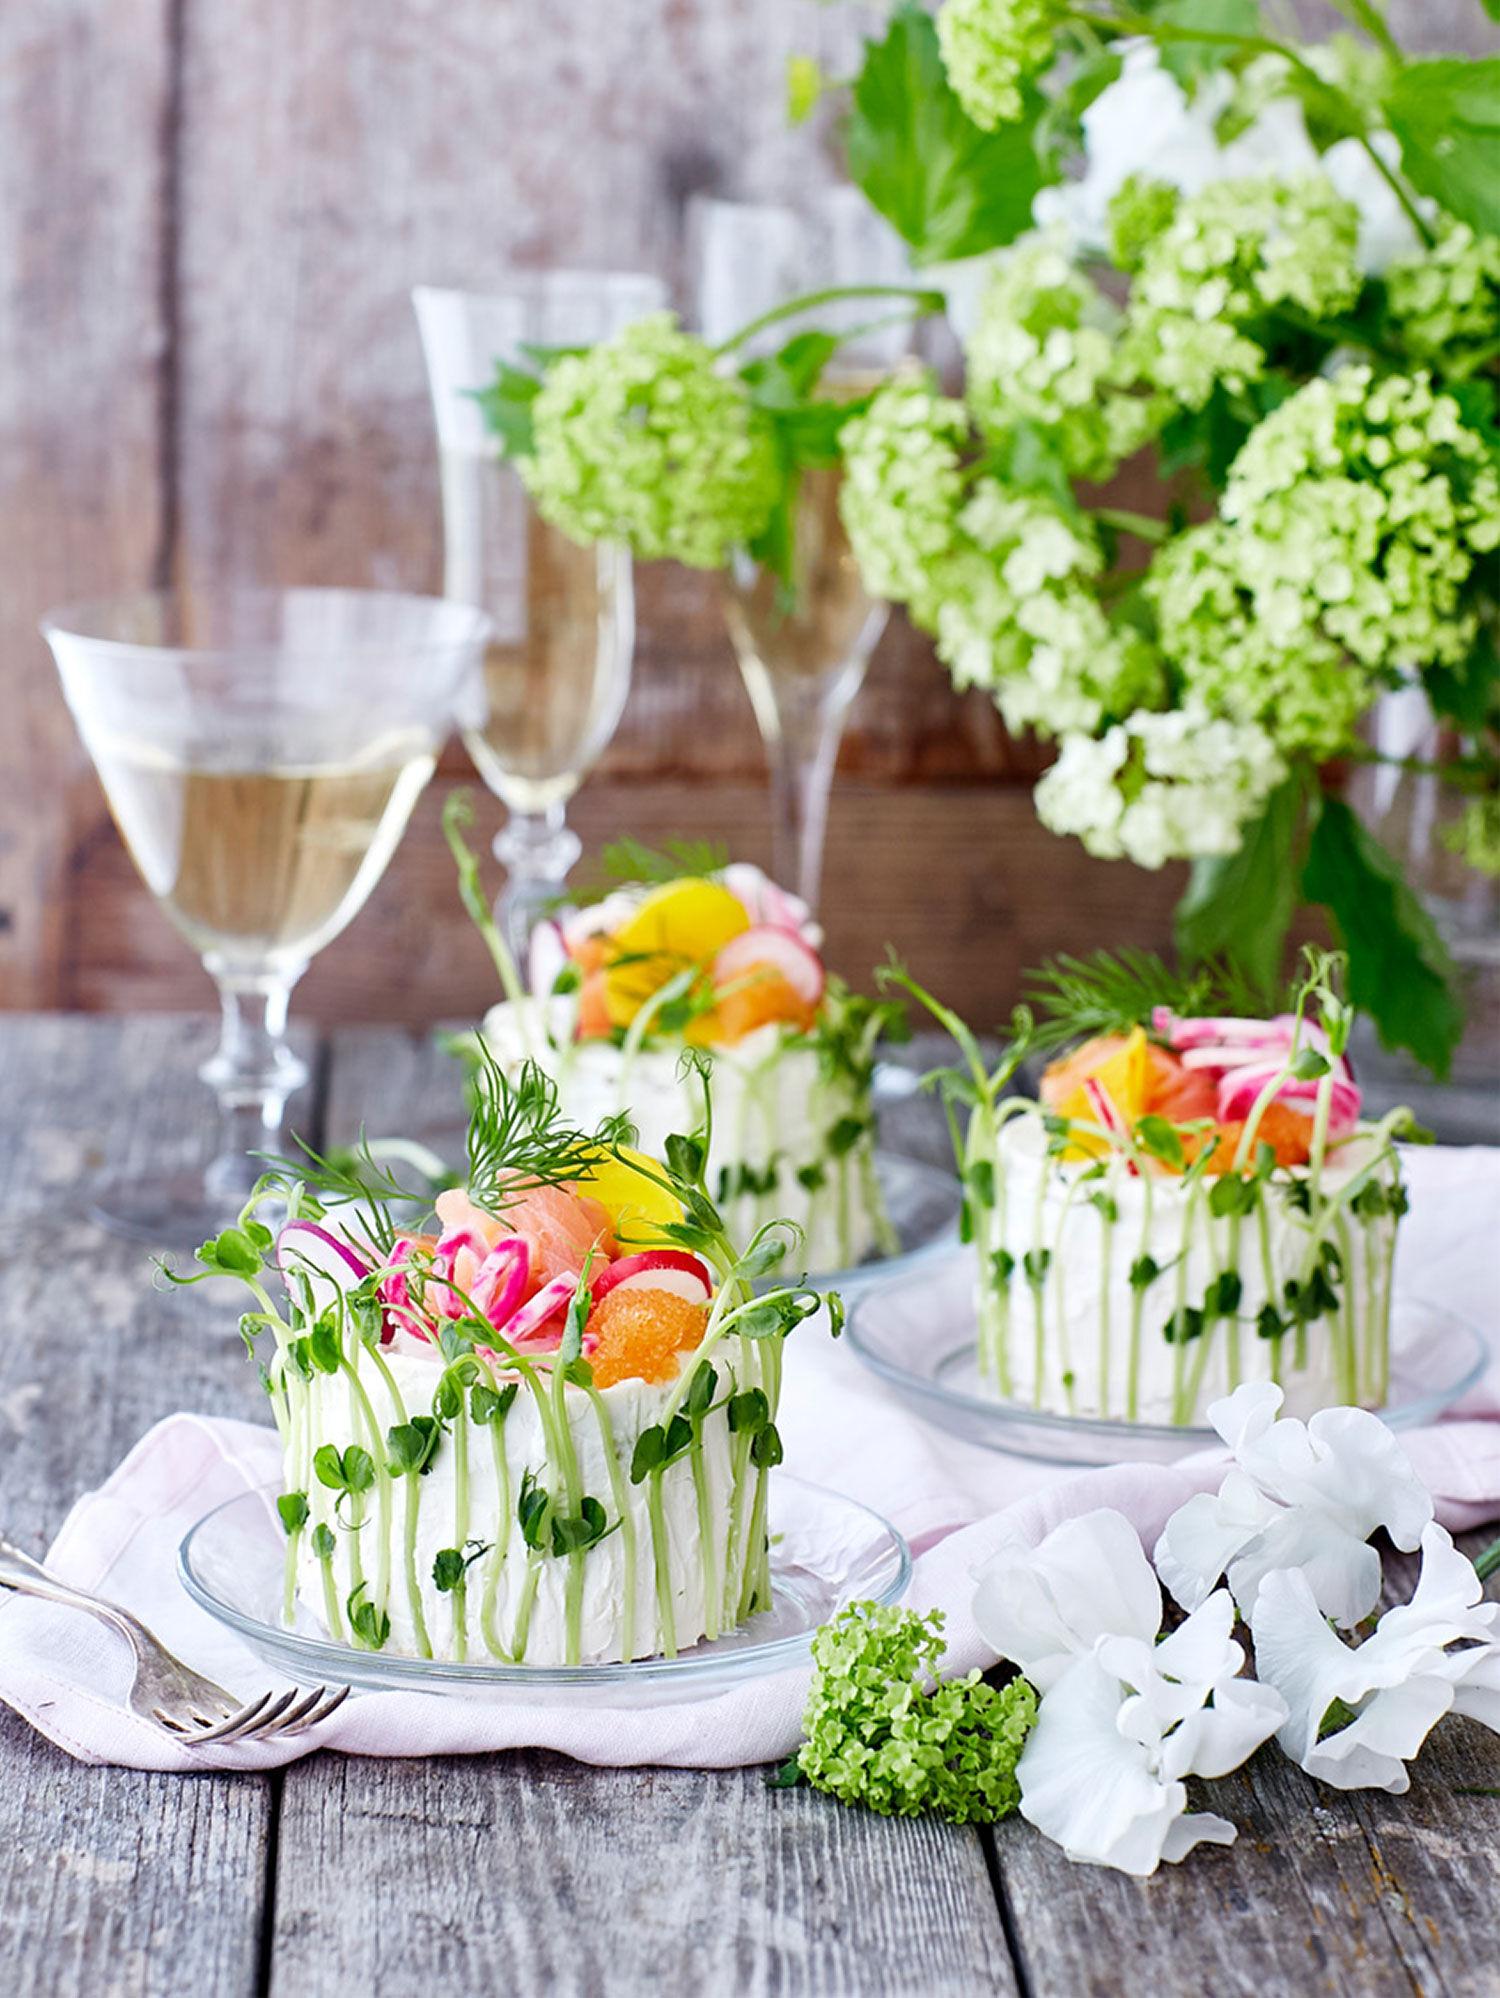 Mini smörgåstårtor med chamagneglas och blommor